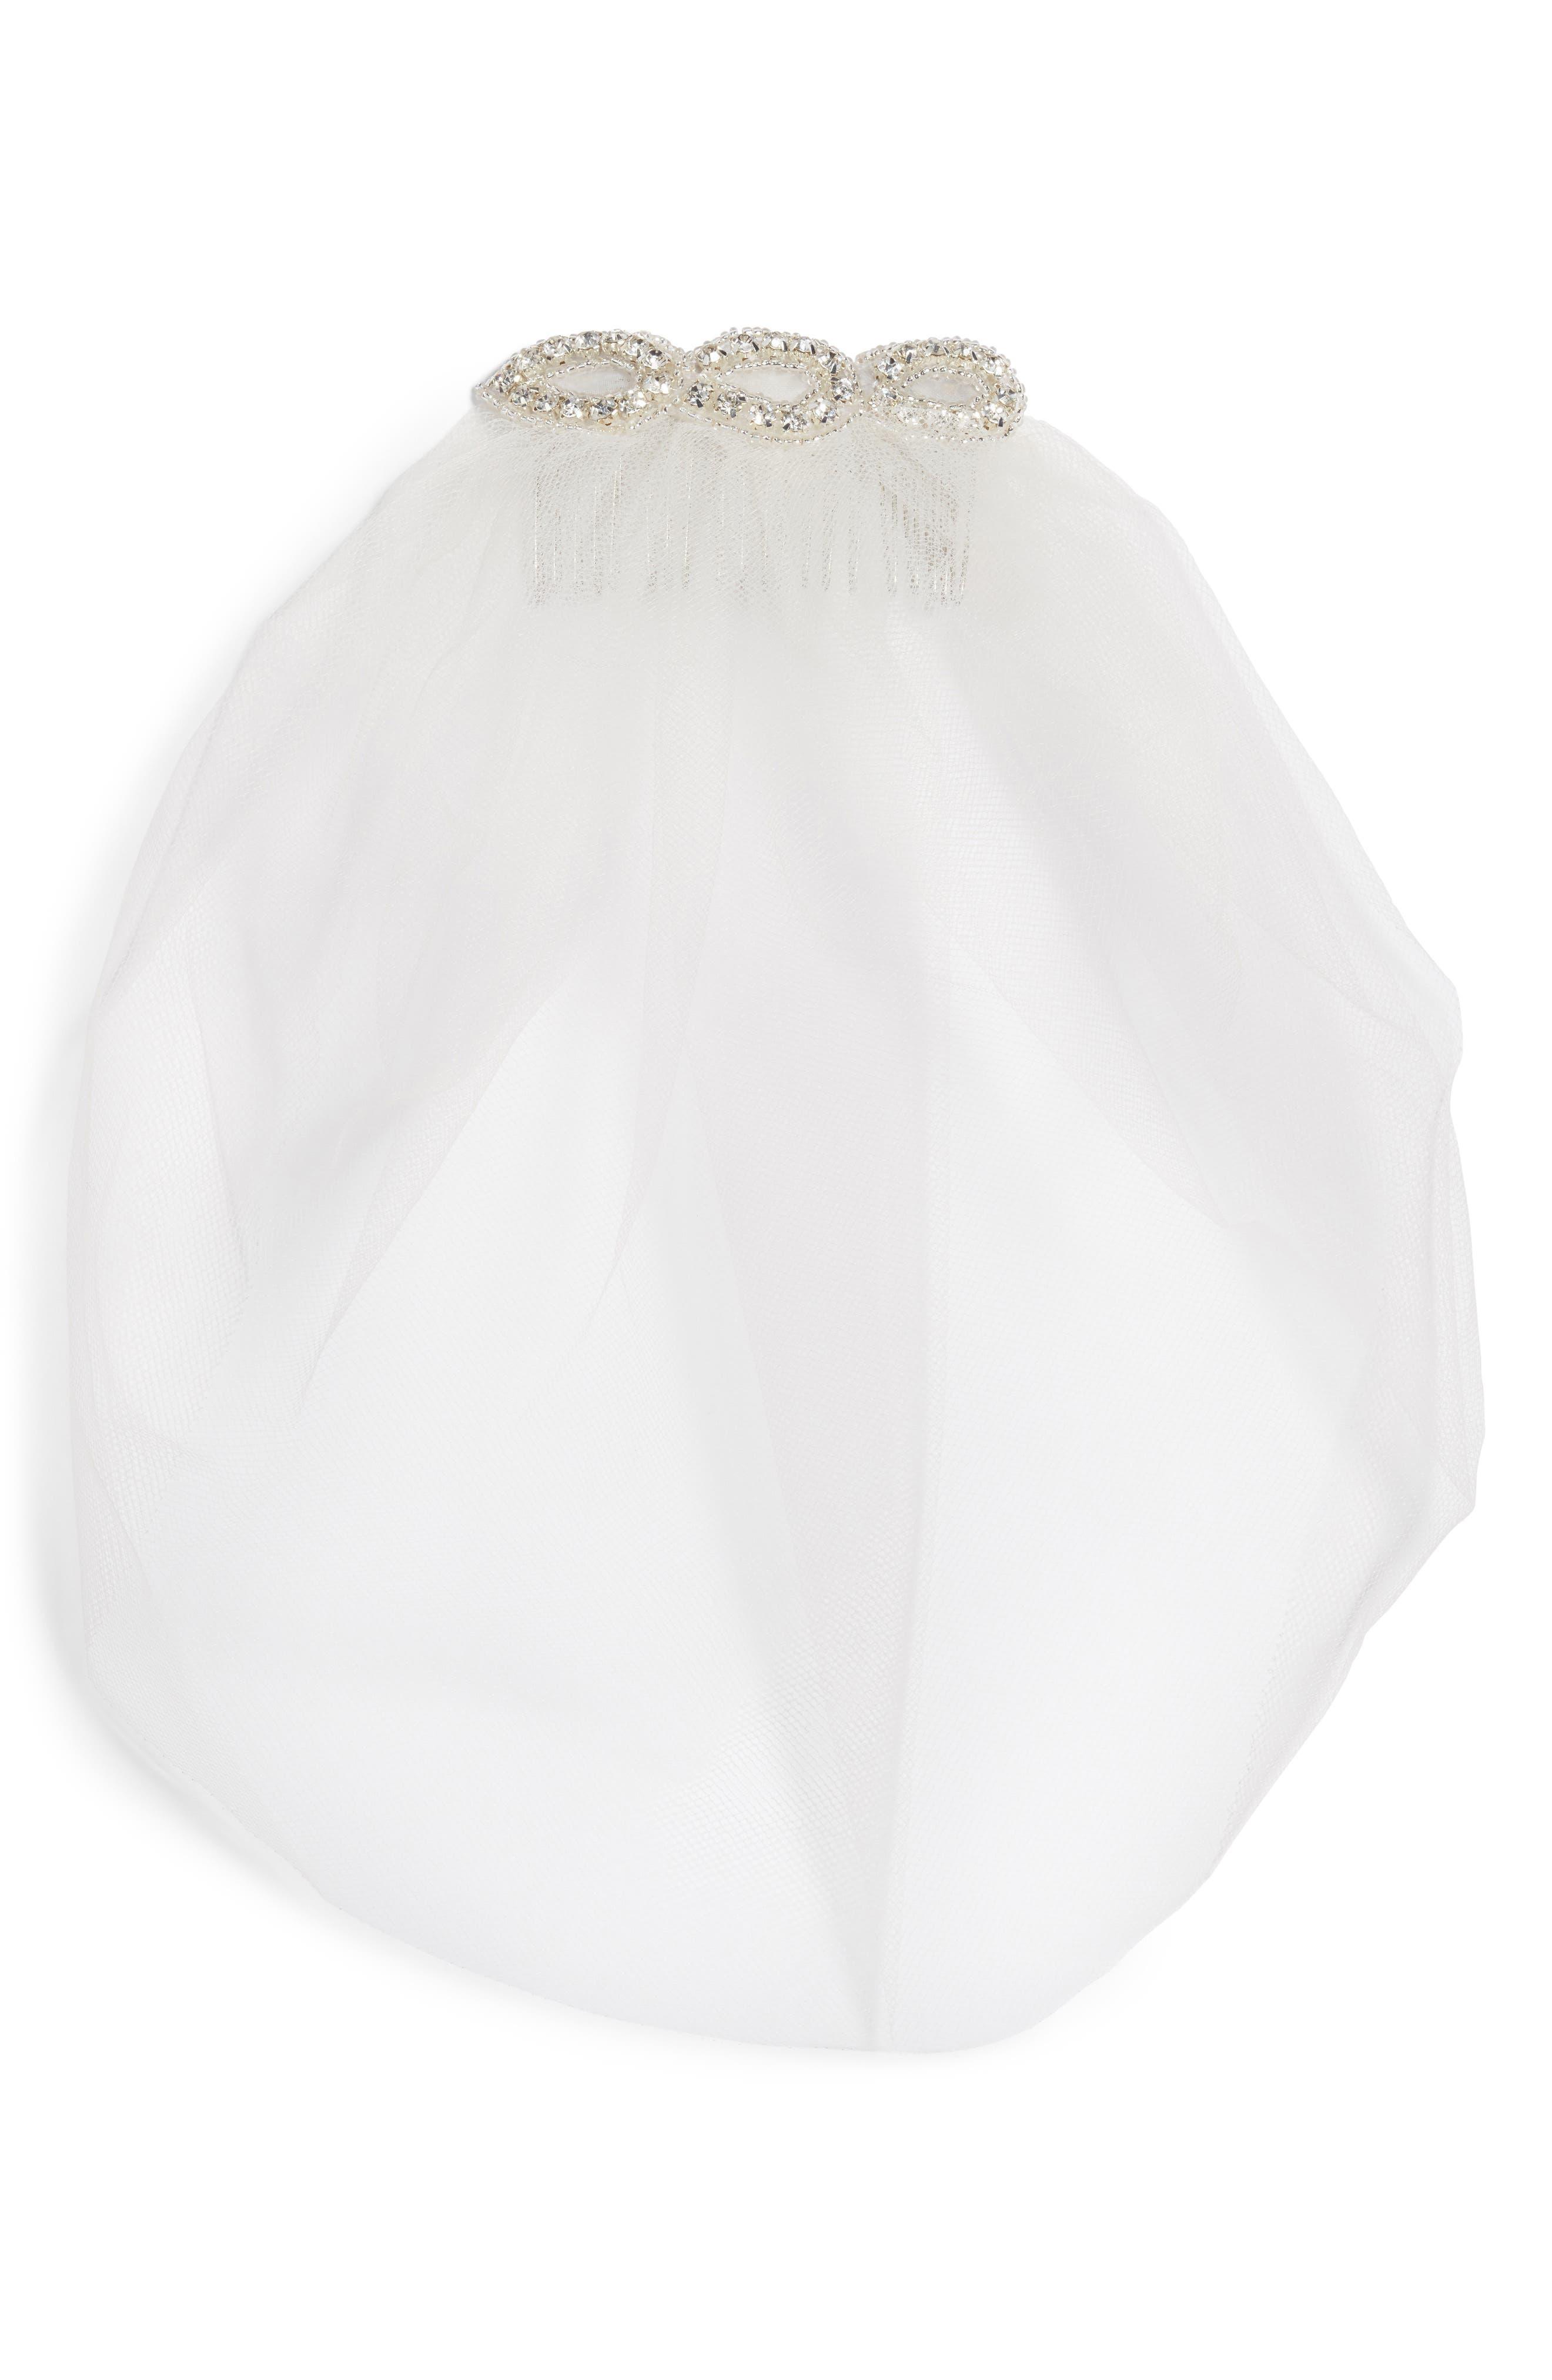 Bridal Veil Hair Comb,                             Main thumbnail 1, color,                             900